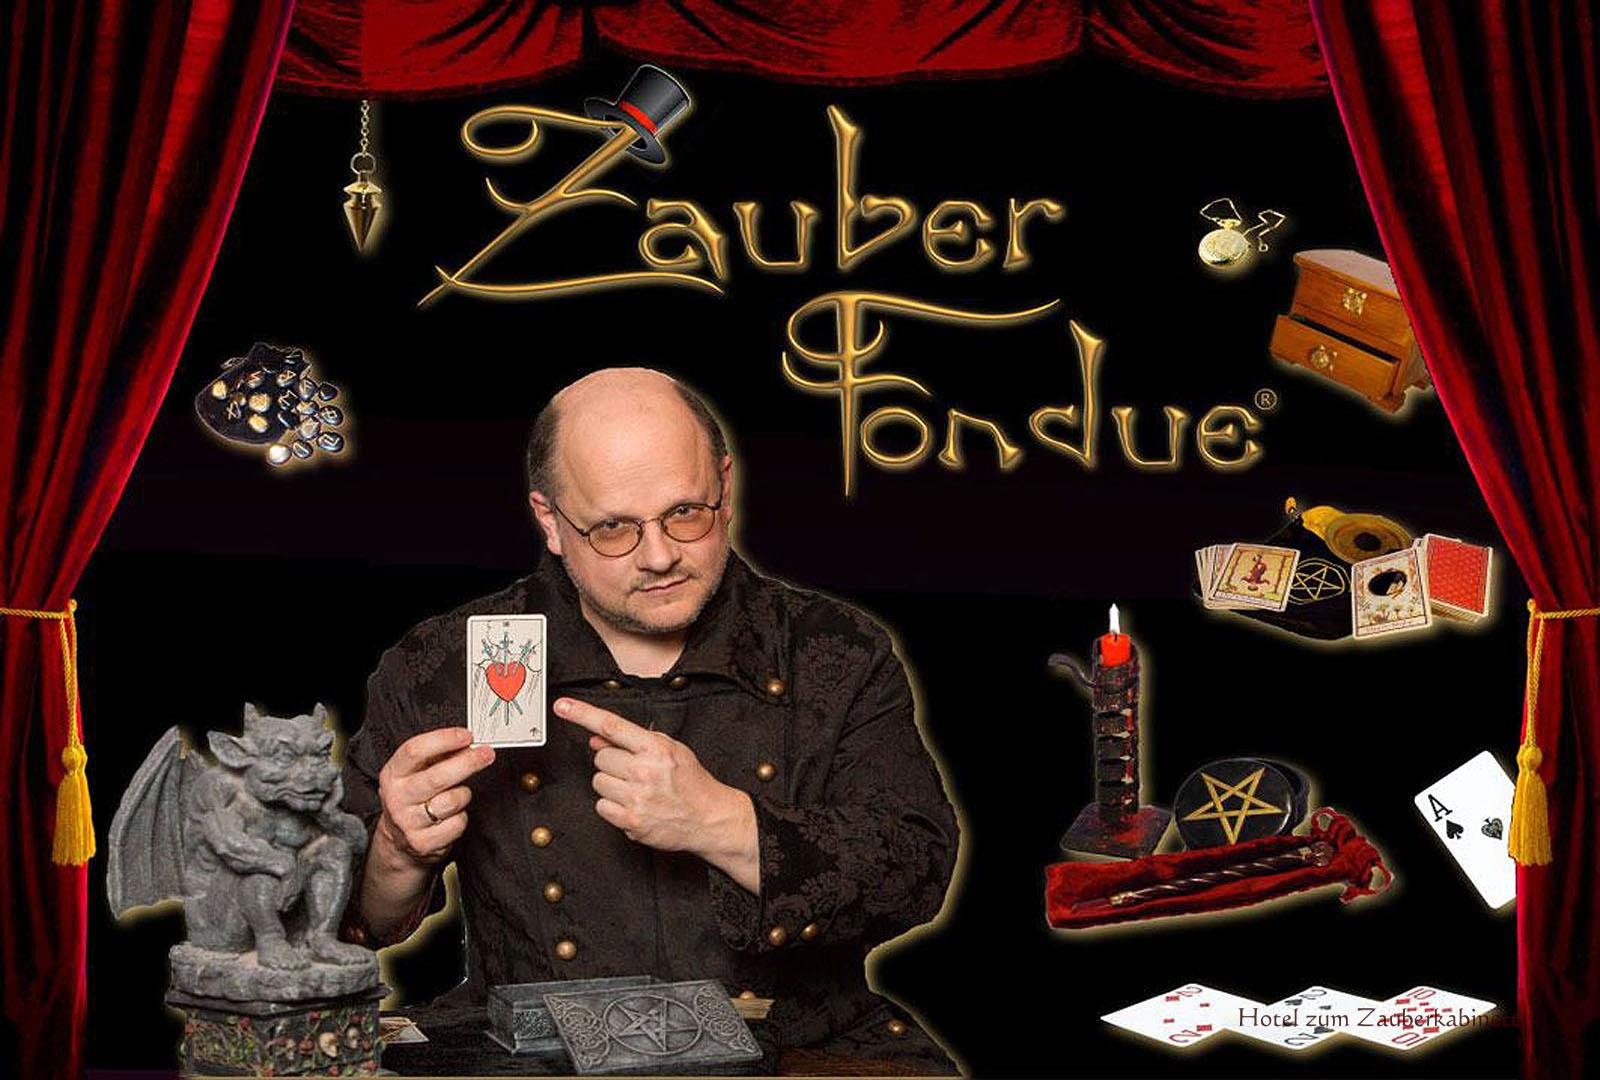 Alexander Römer Geschichten beim Zauber-Fondue